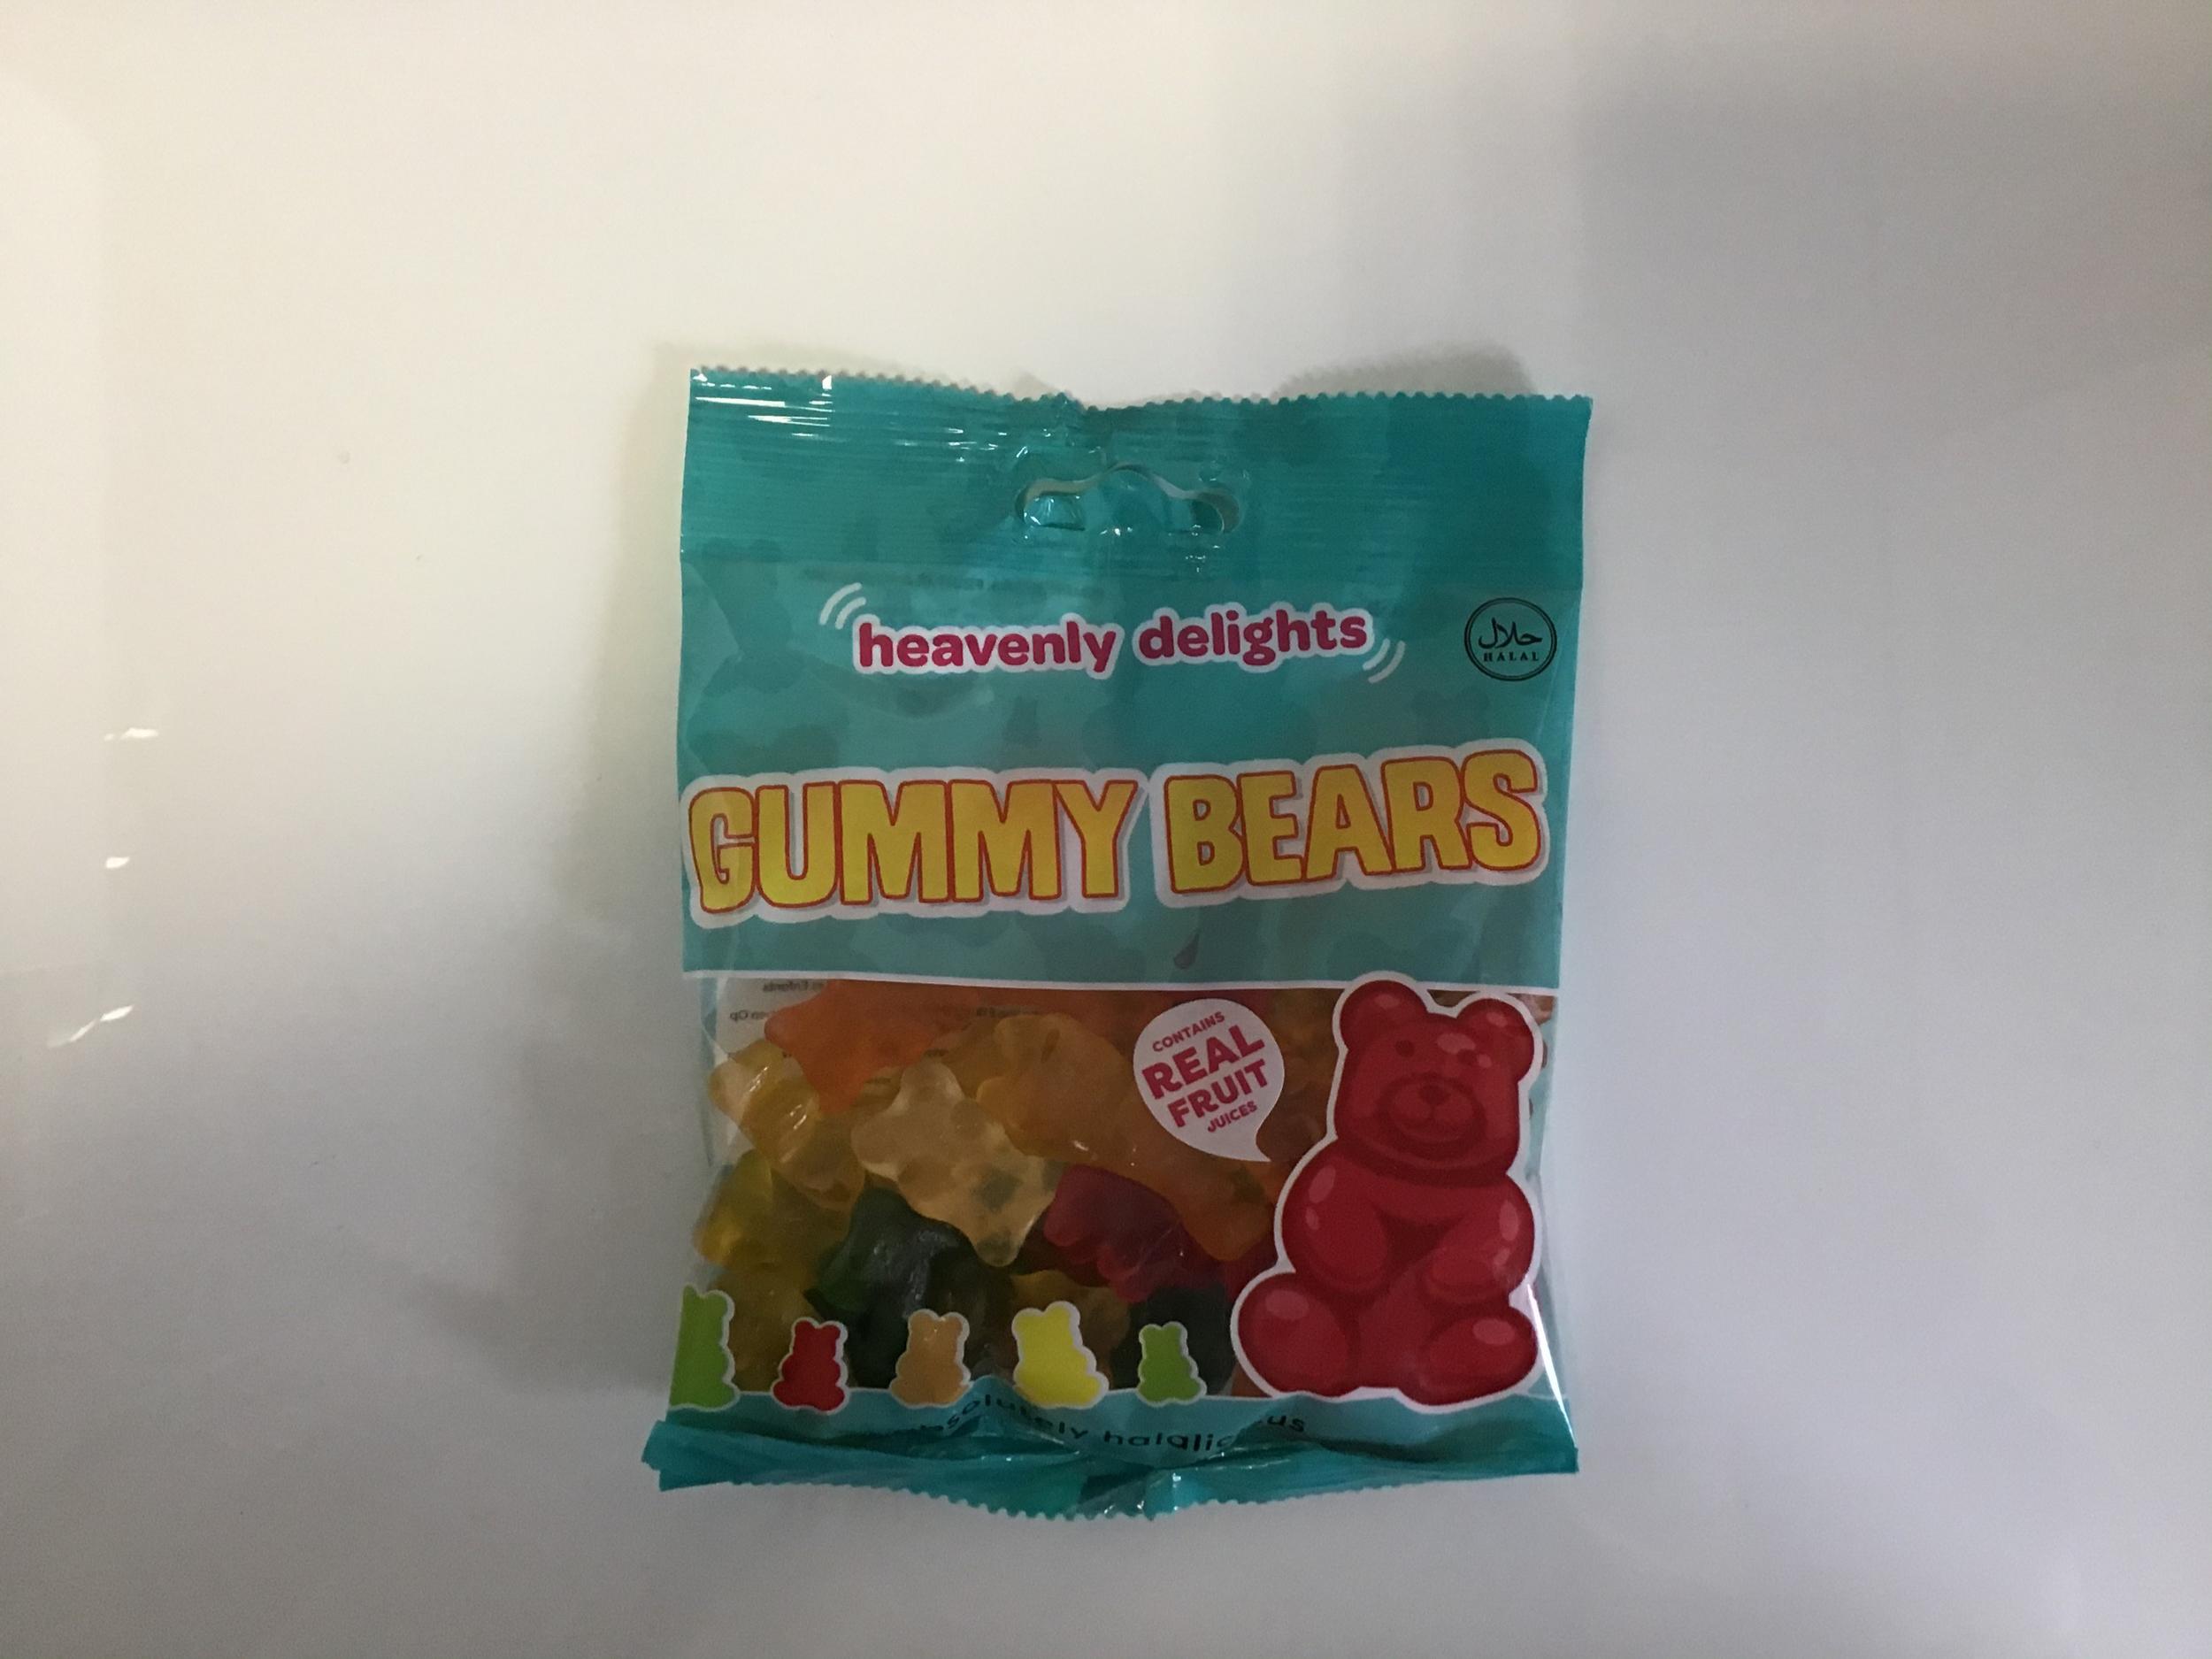 Bonbon halal gummy bears